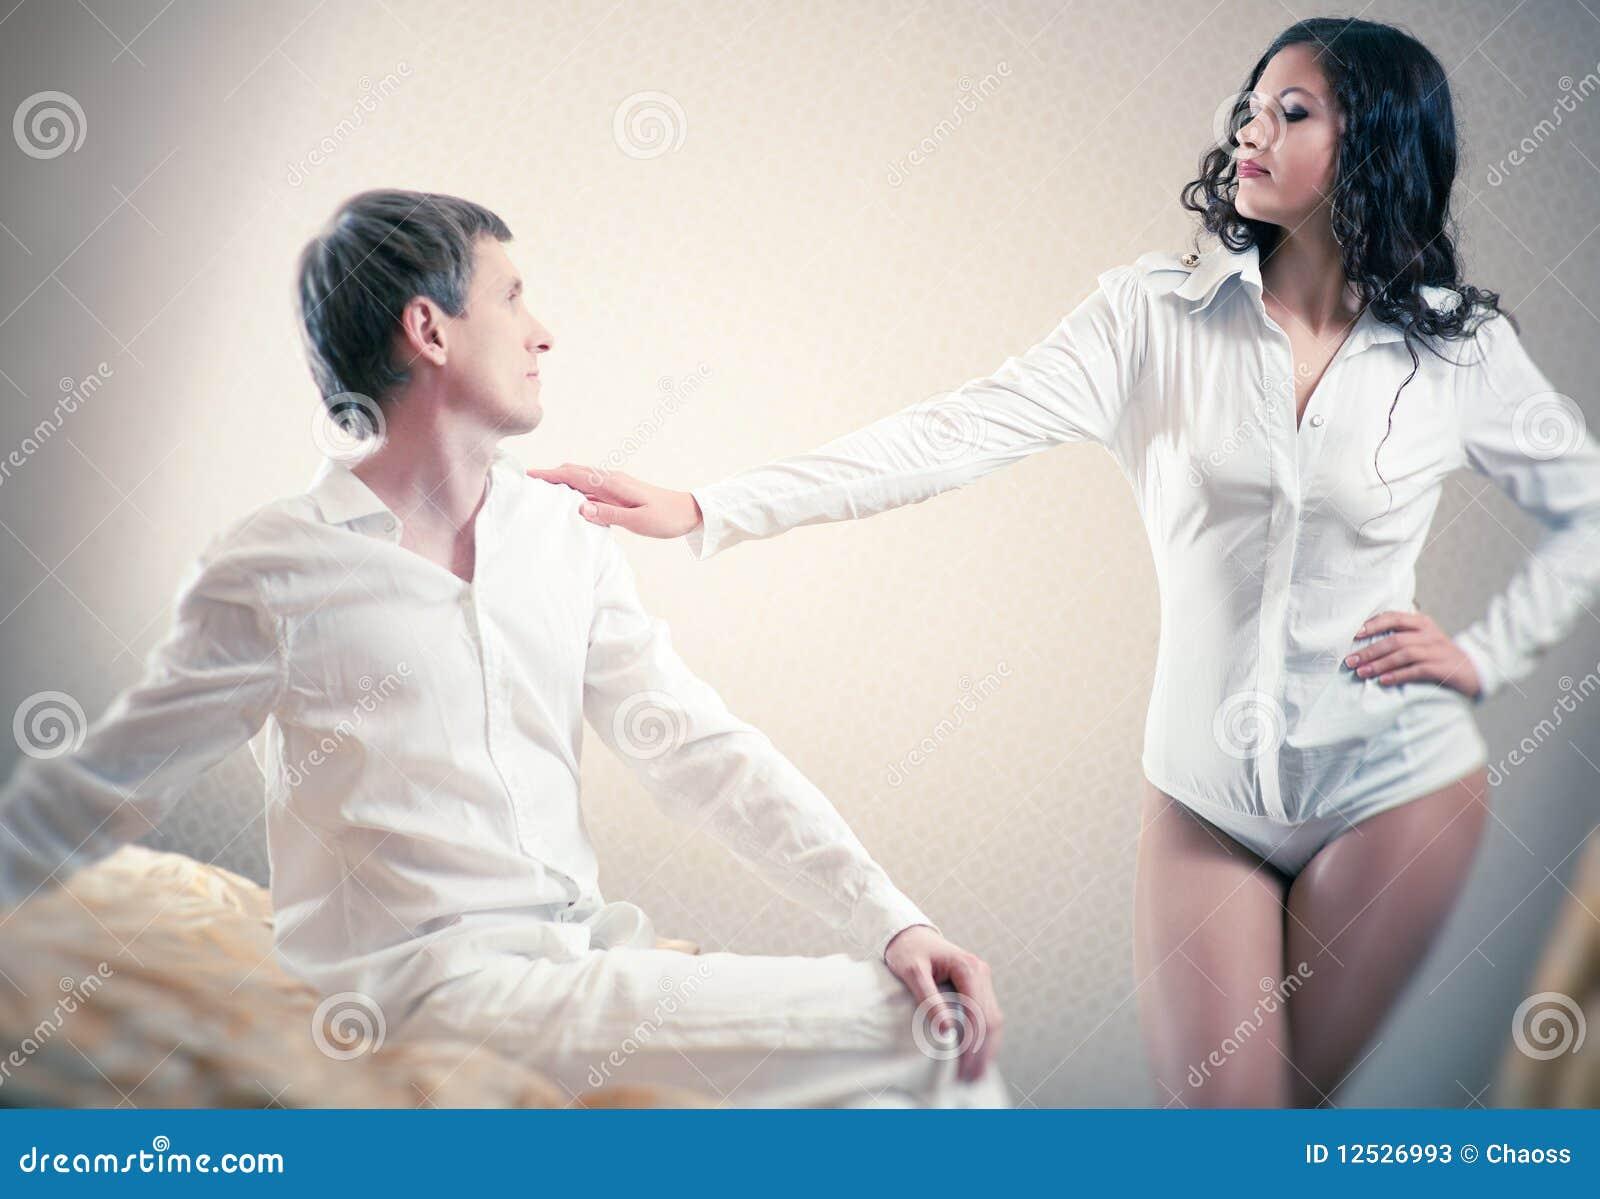 ГИГ порно измена мужу видео смотреть HD порно бесплатно онлайн